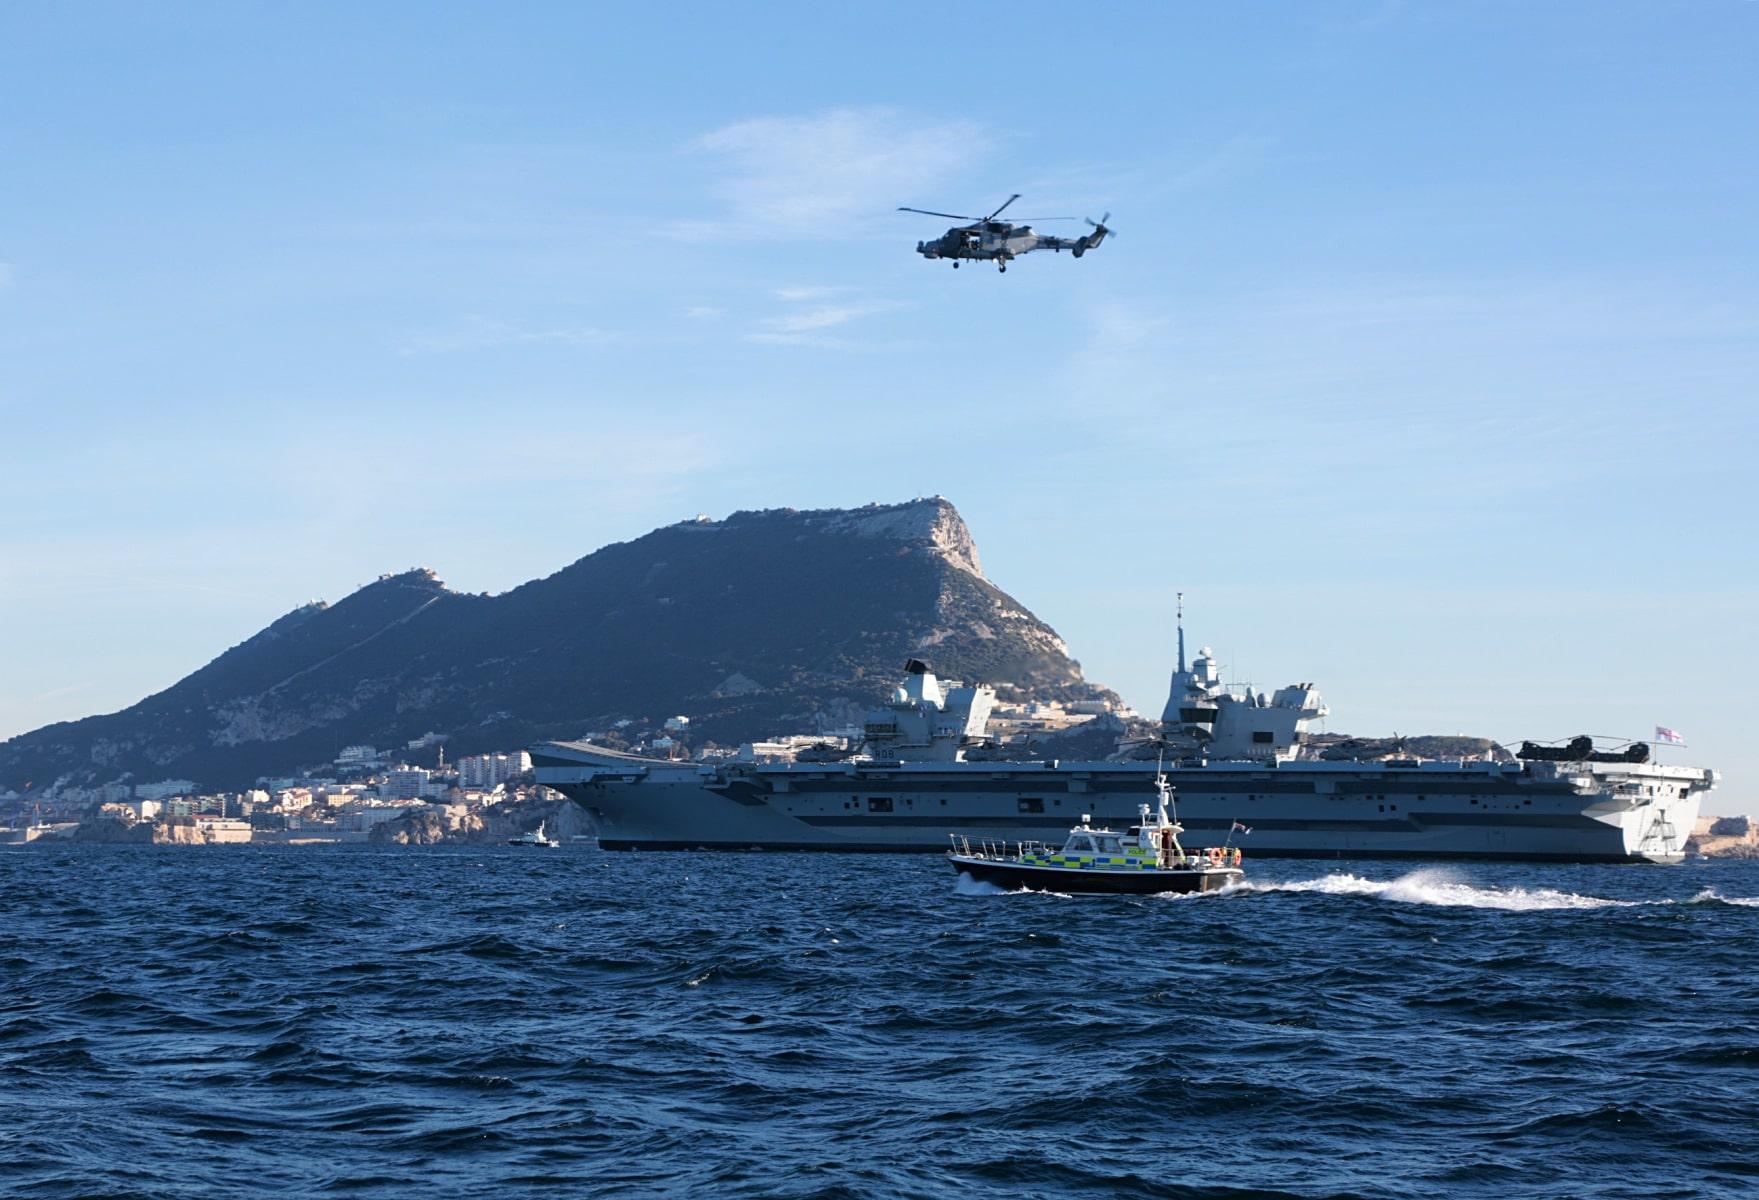 portaaviones-hms-queen-elizabeth-llegando-a-gibraltar-imagen-tomada-desde-uno-de-los-buques-de-apoyo-via-royal-navy-23_39267701665_o